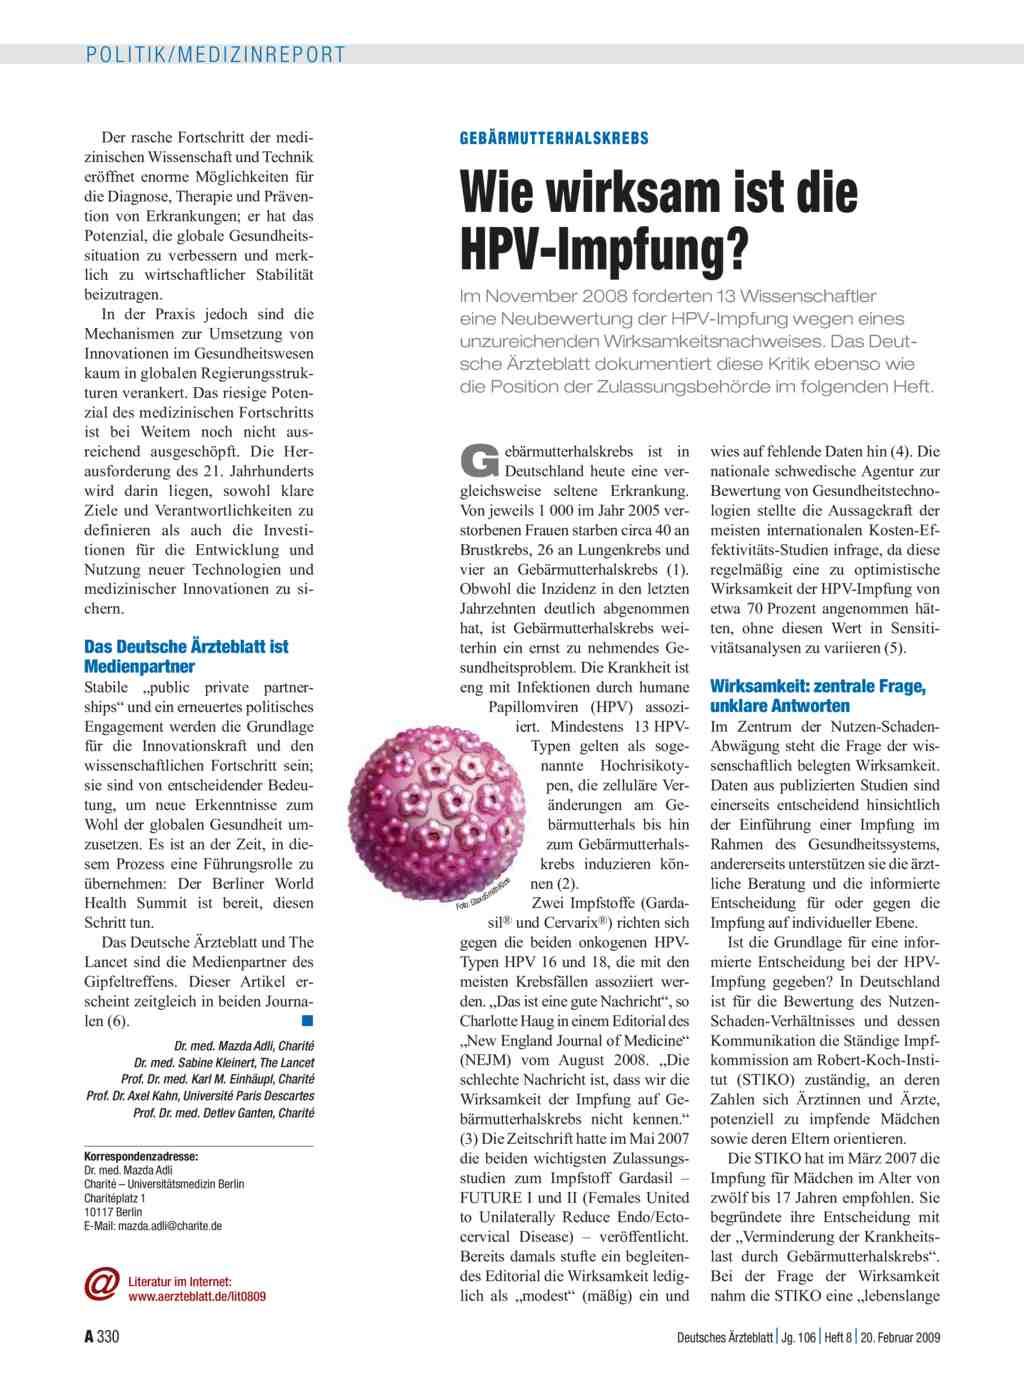 hpv impfung dosierung